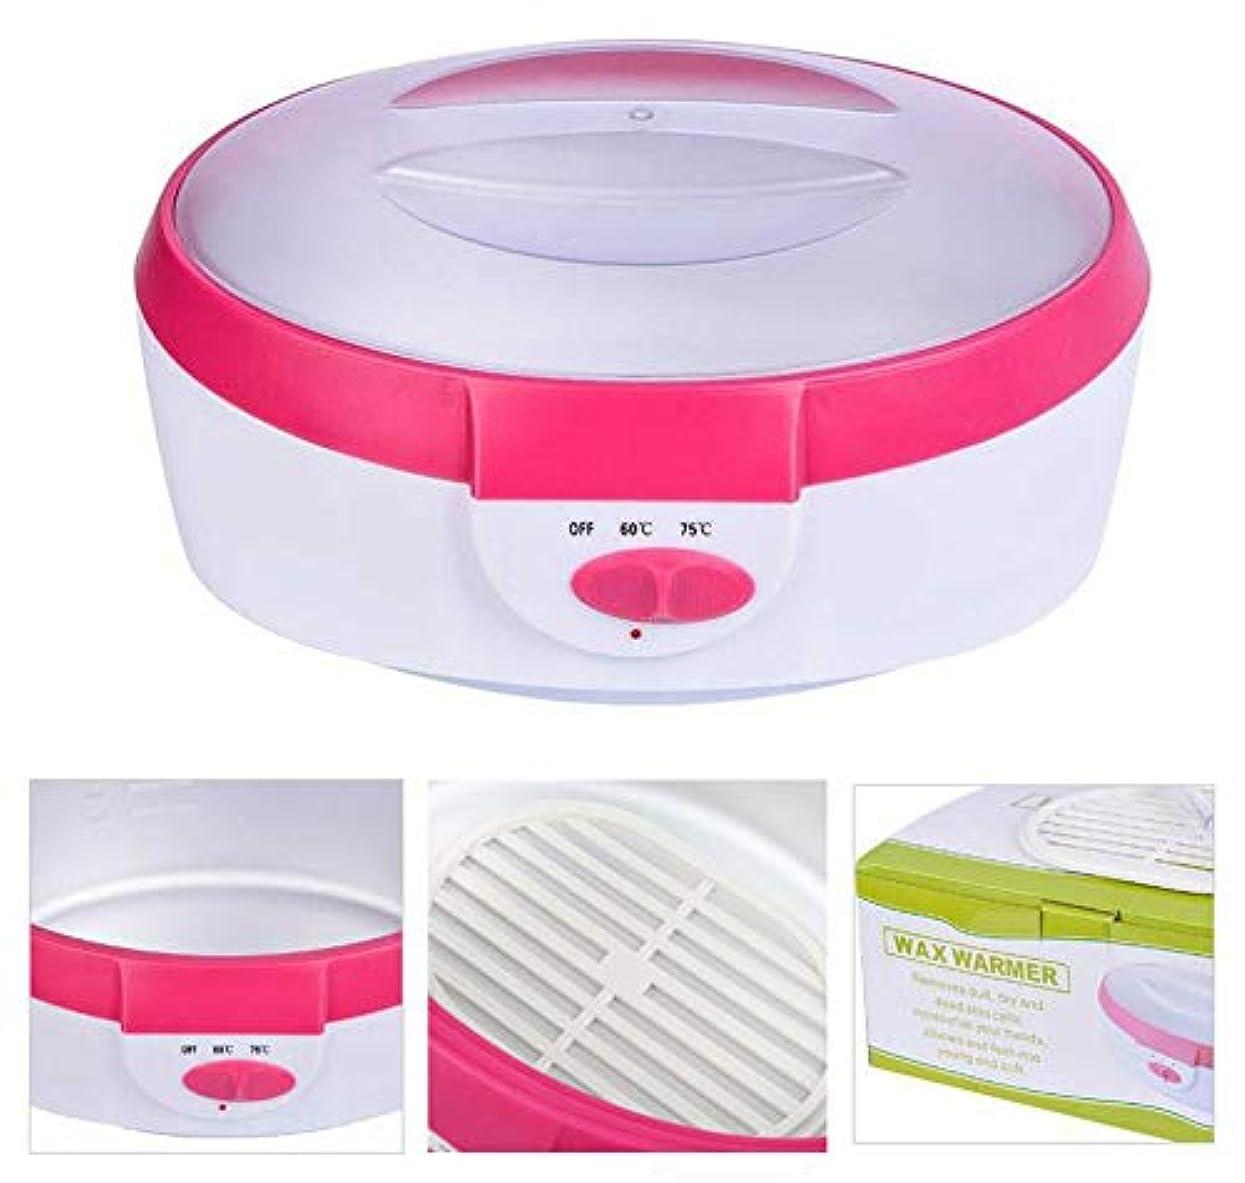 毎回たまにオーガニック2.5Lパラフィンワックスのヒーターの皮の処置機械高容量の毛の取り外しのパラフィン暖房の鍋のワックスのウォーマーセット,ピンク